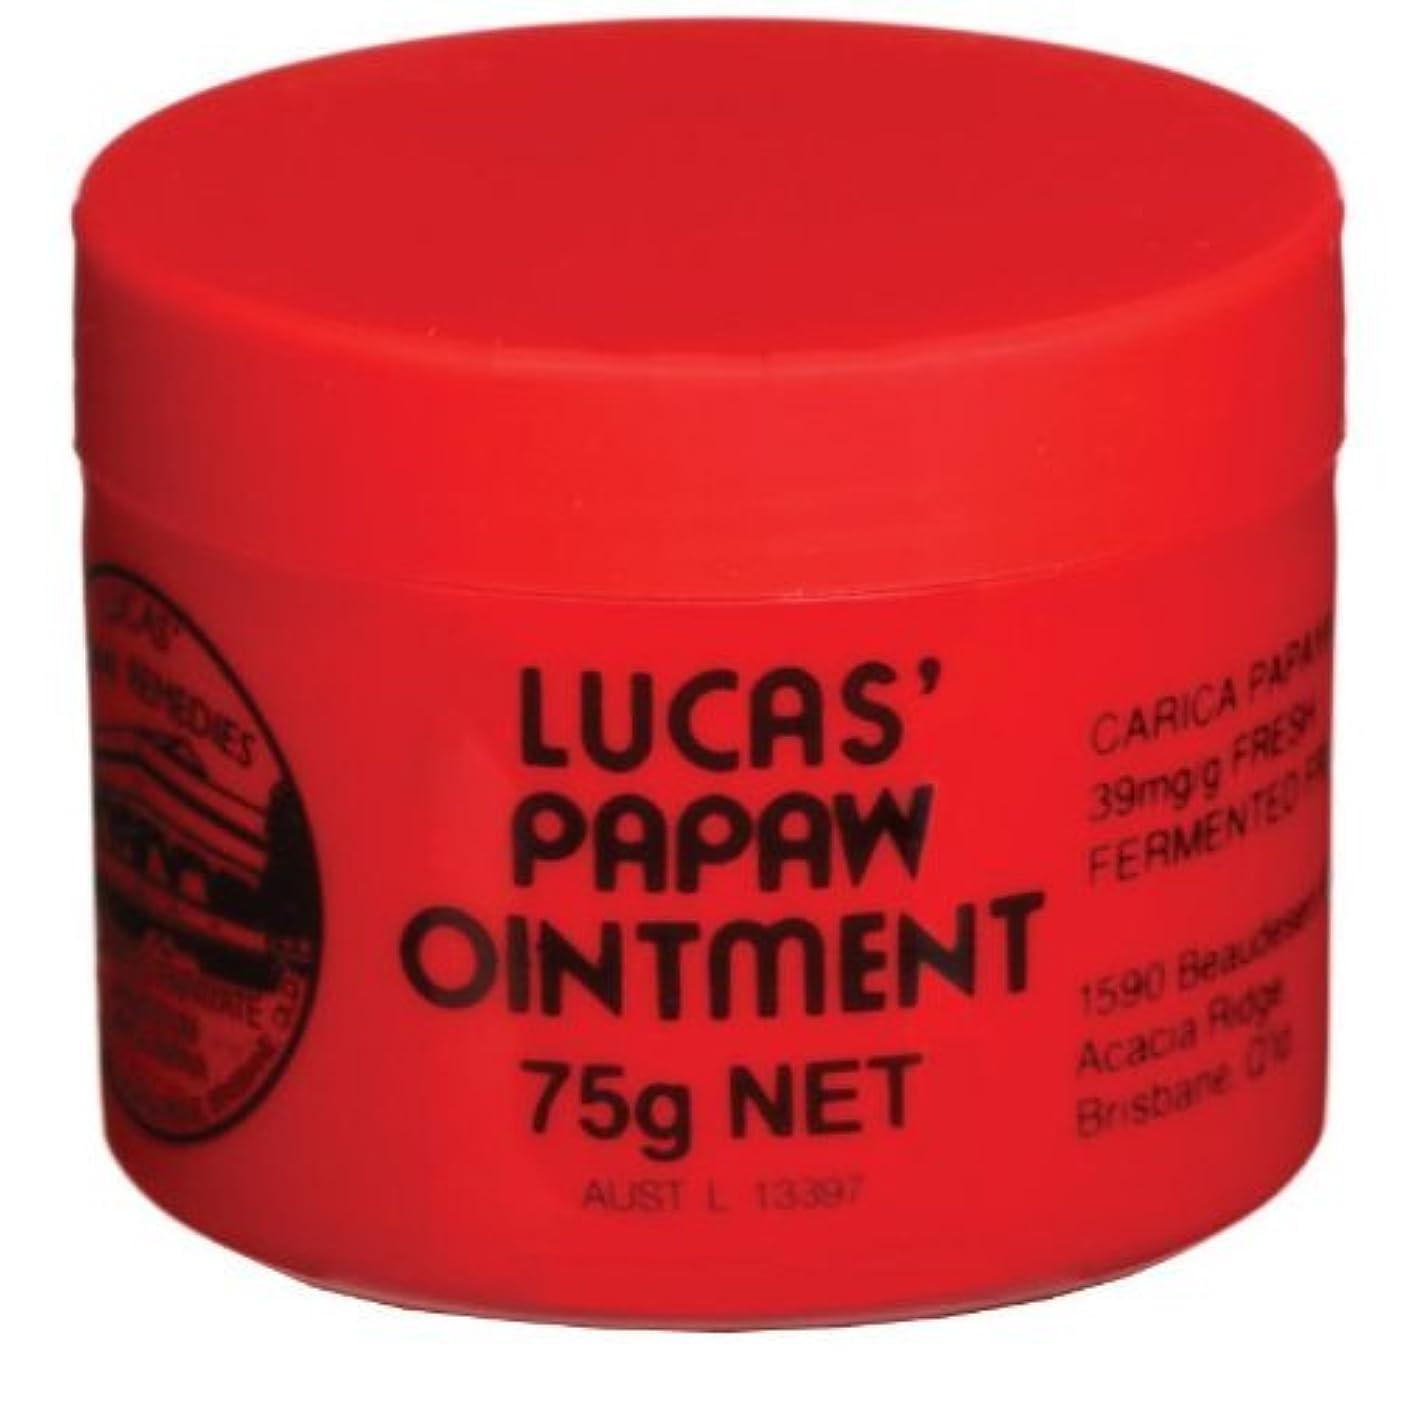 オール特徴気をつけて[Lucas' Papaw Ointment] ルーカスポーポークリーム 75g